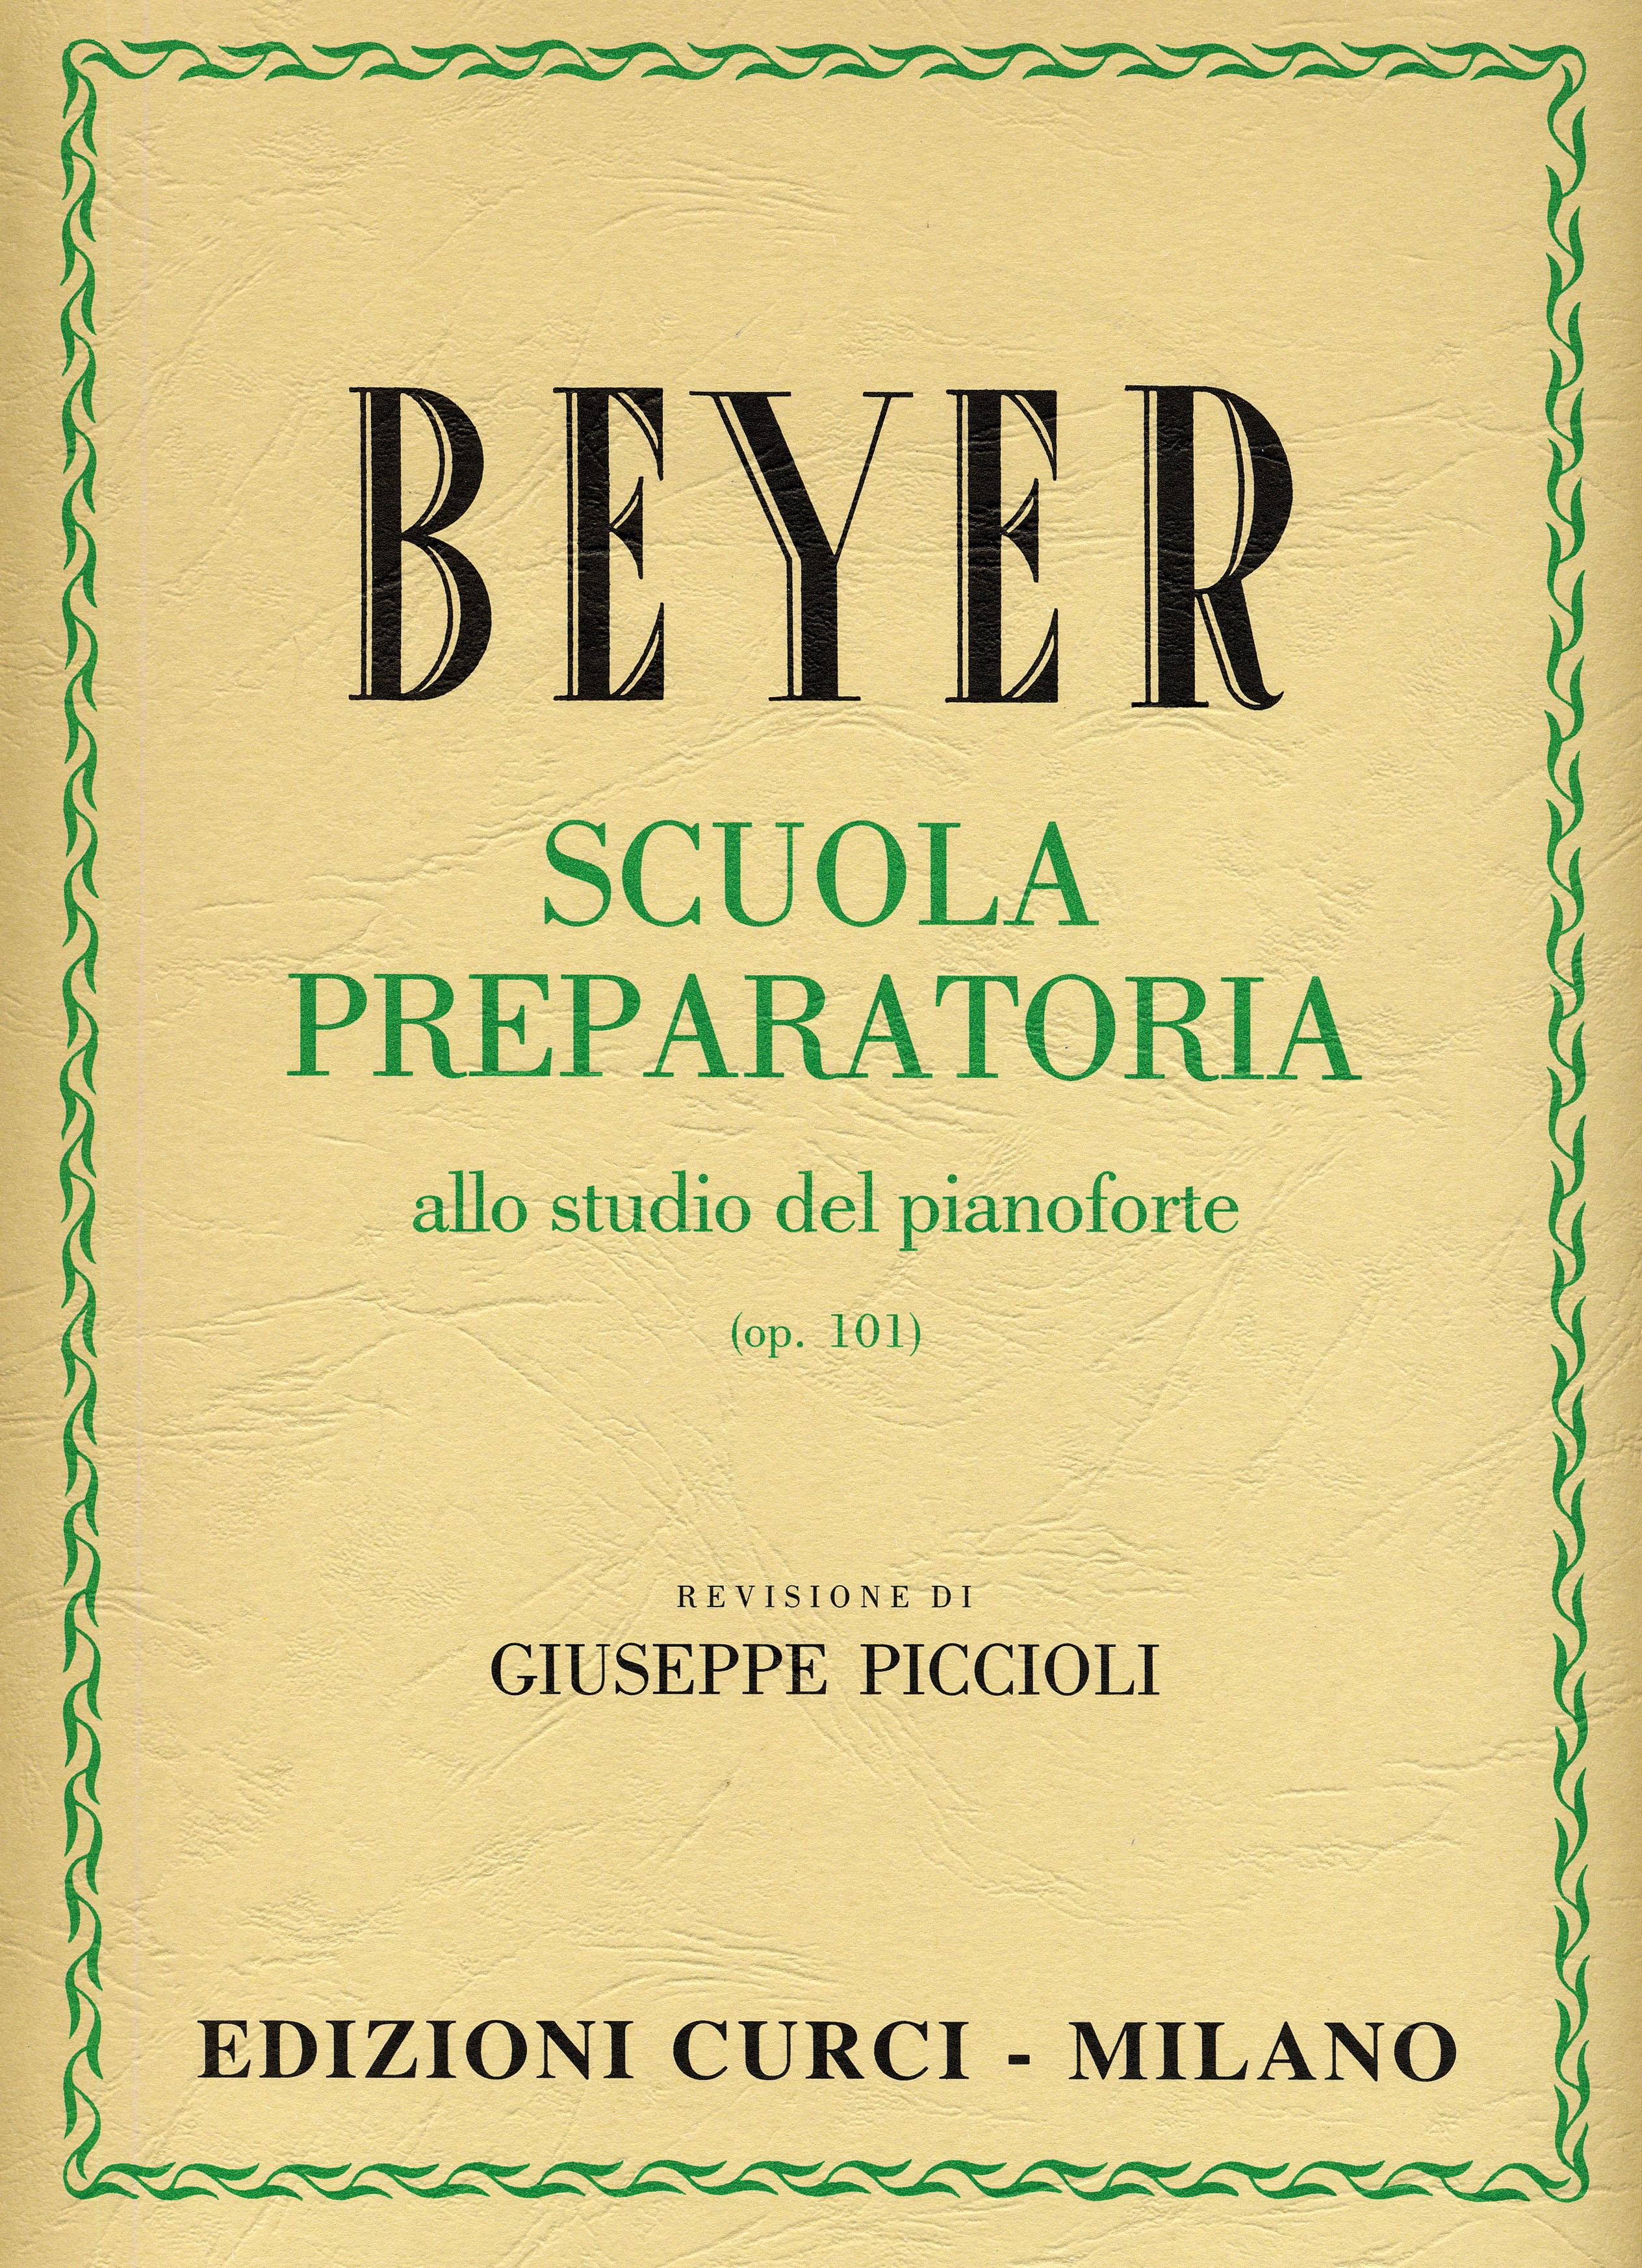 CURCI Scuola preparatoria allo studio del pianoforte op.101 - BEYER